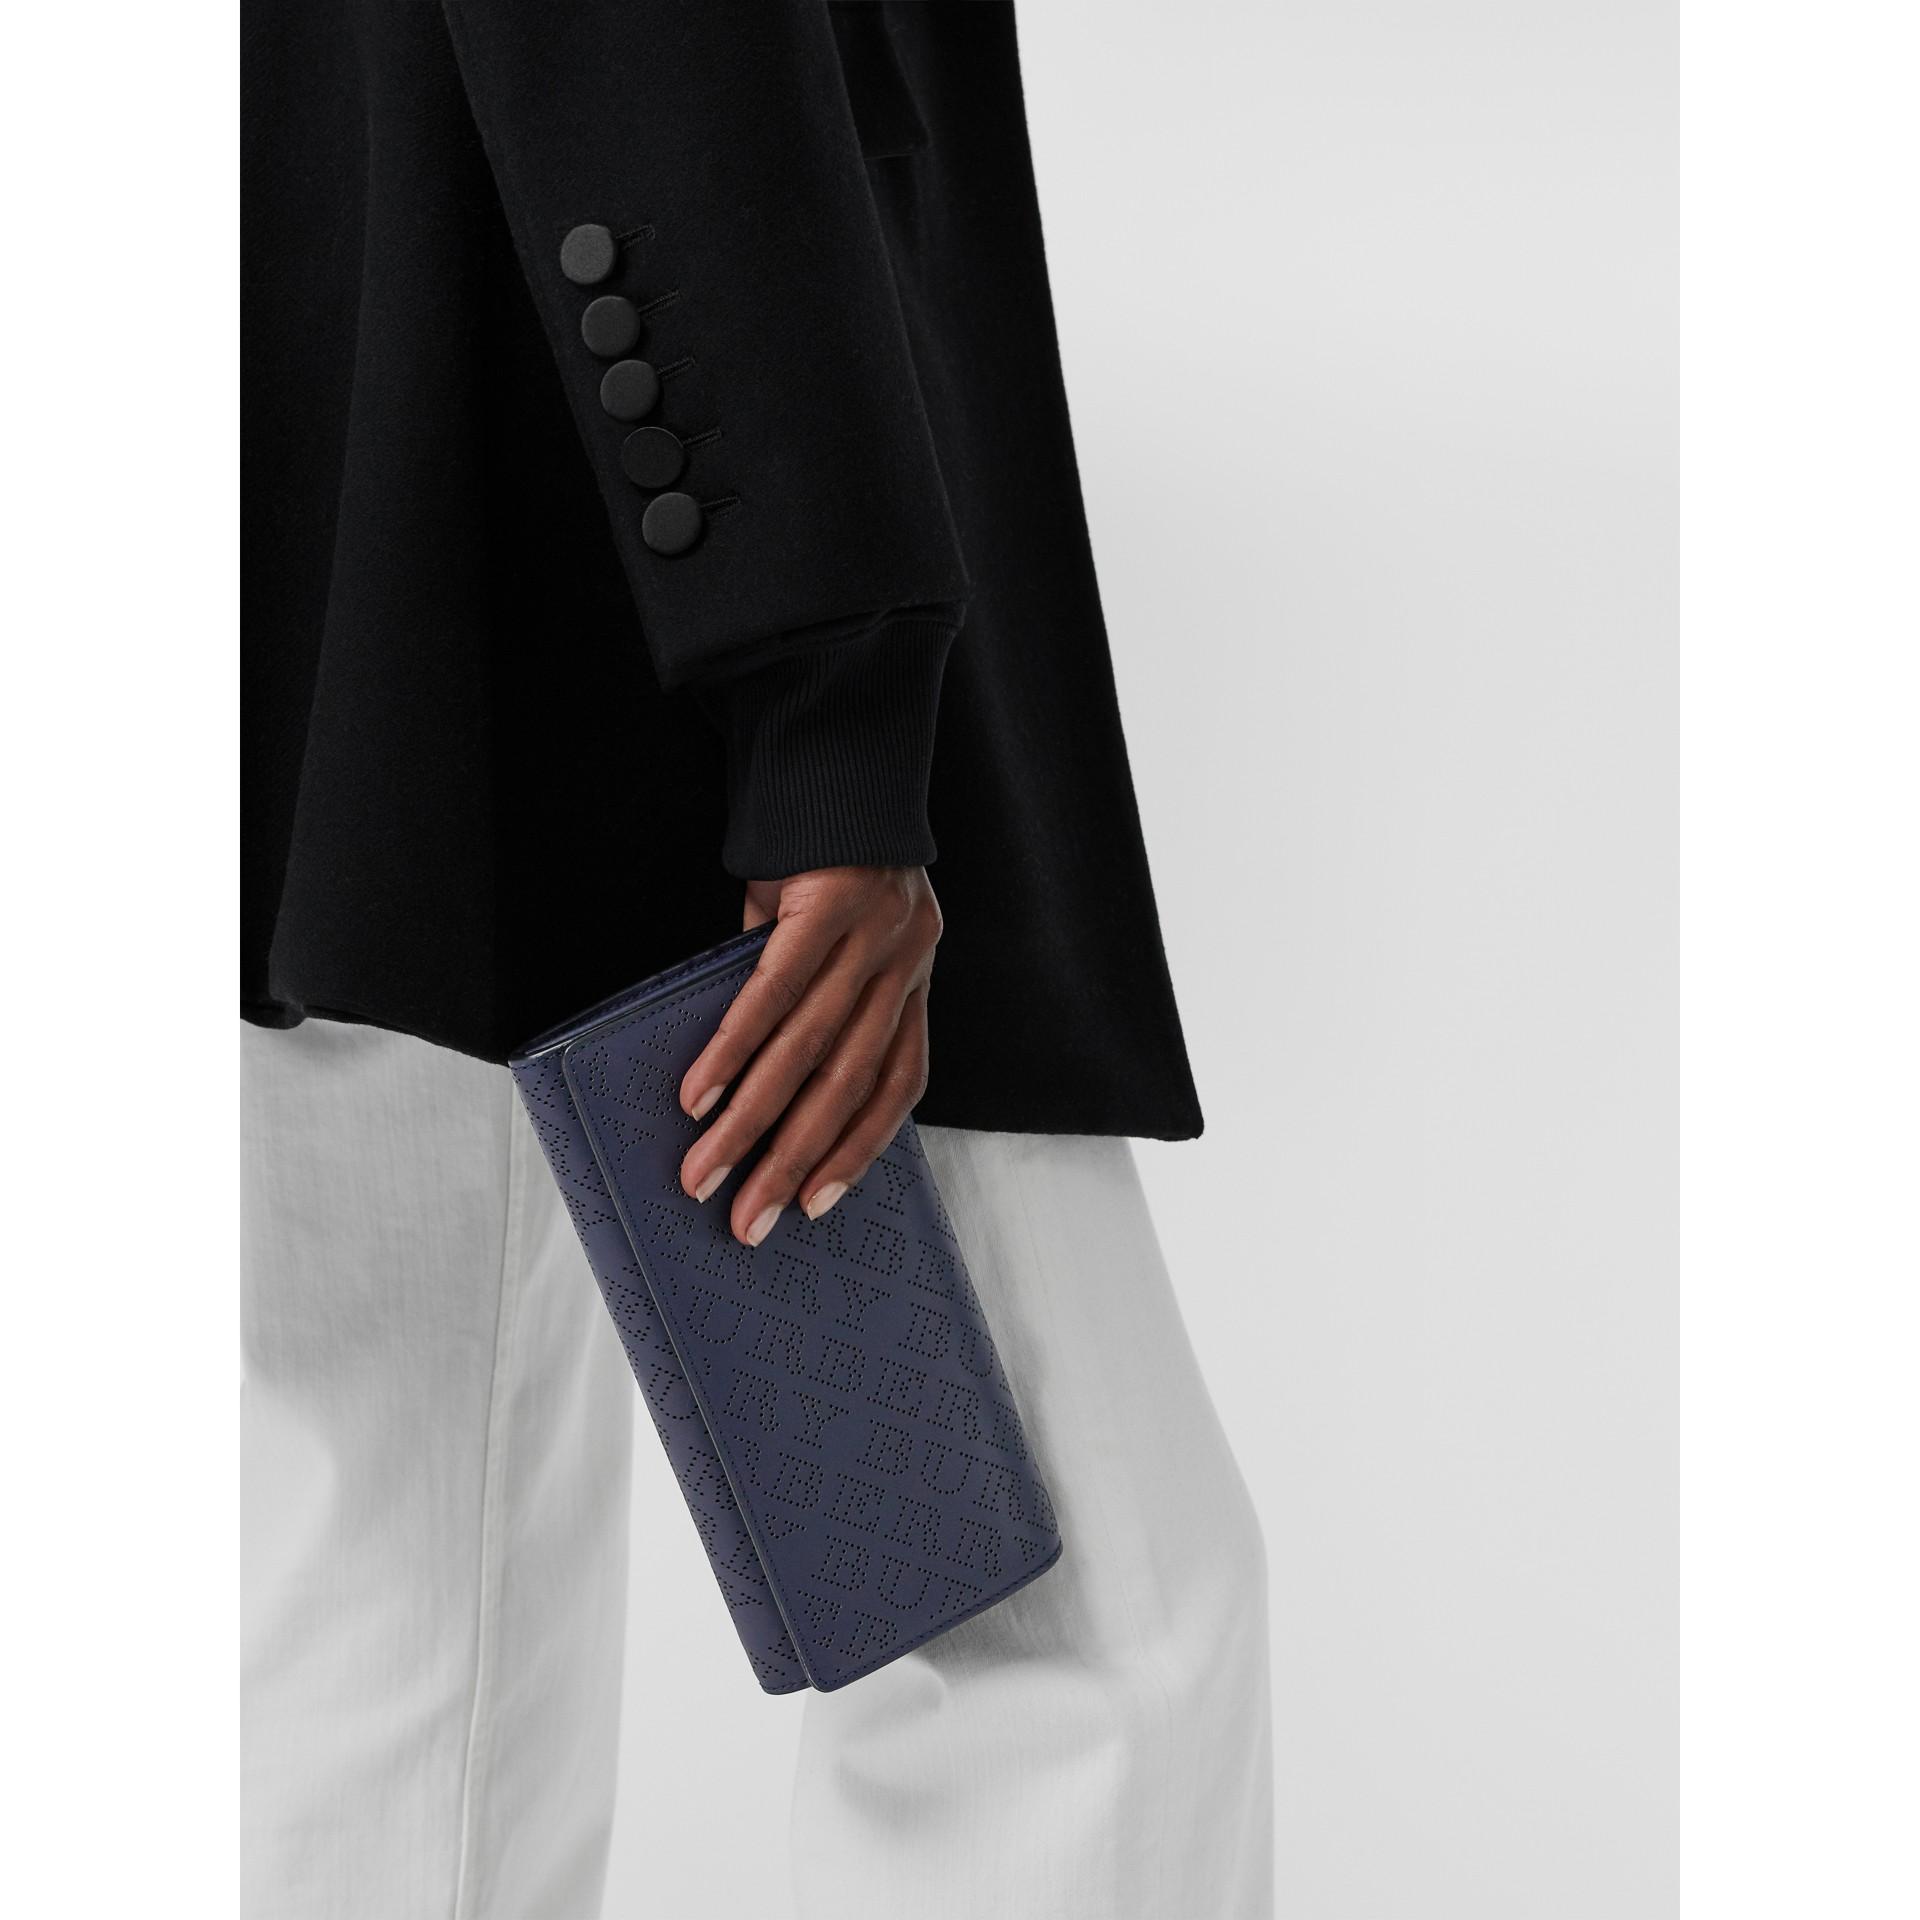 沖孔徽標皮革皮夾附可拆式肩帶 (海軍藍) - 女款 | Burberry - 圖庫照片 3